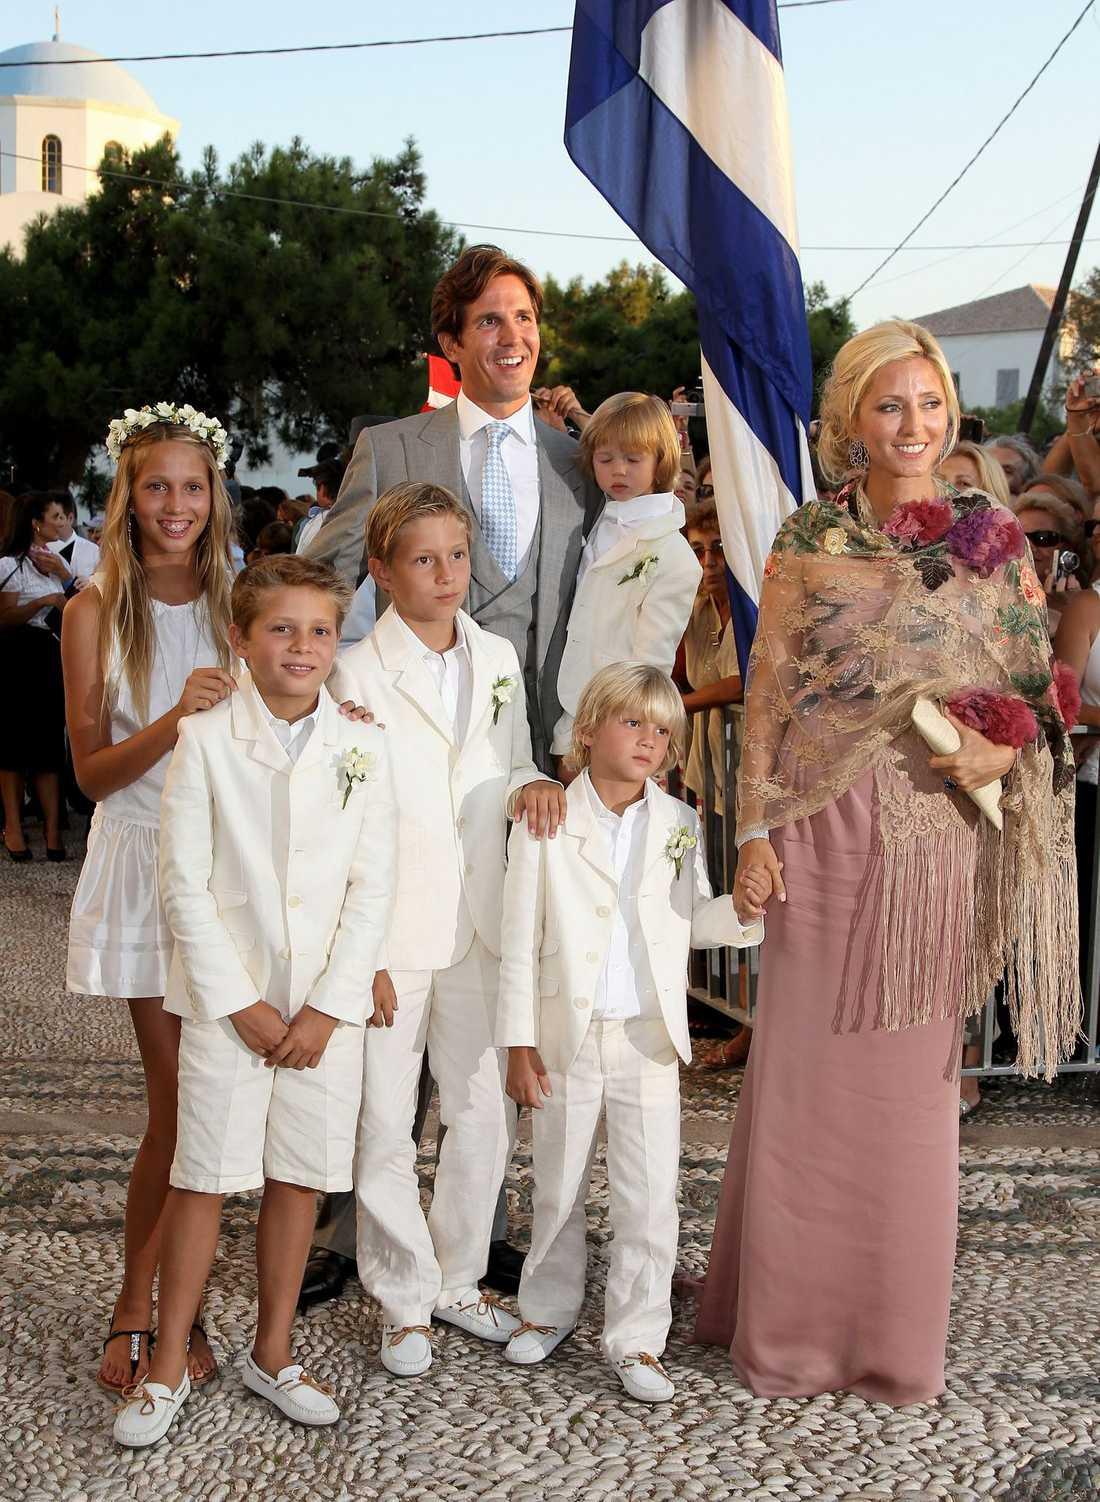 Greklands kronprinsessa Marie-Chantal, prins Pavlos och deras familj utanför kyrkan.